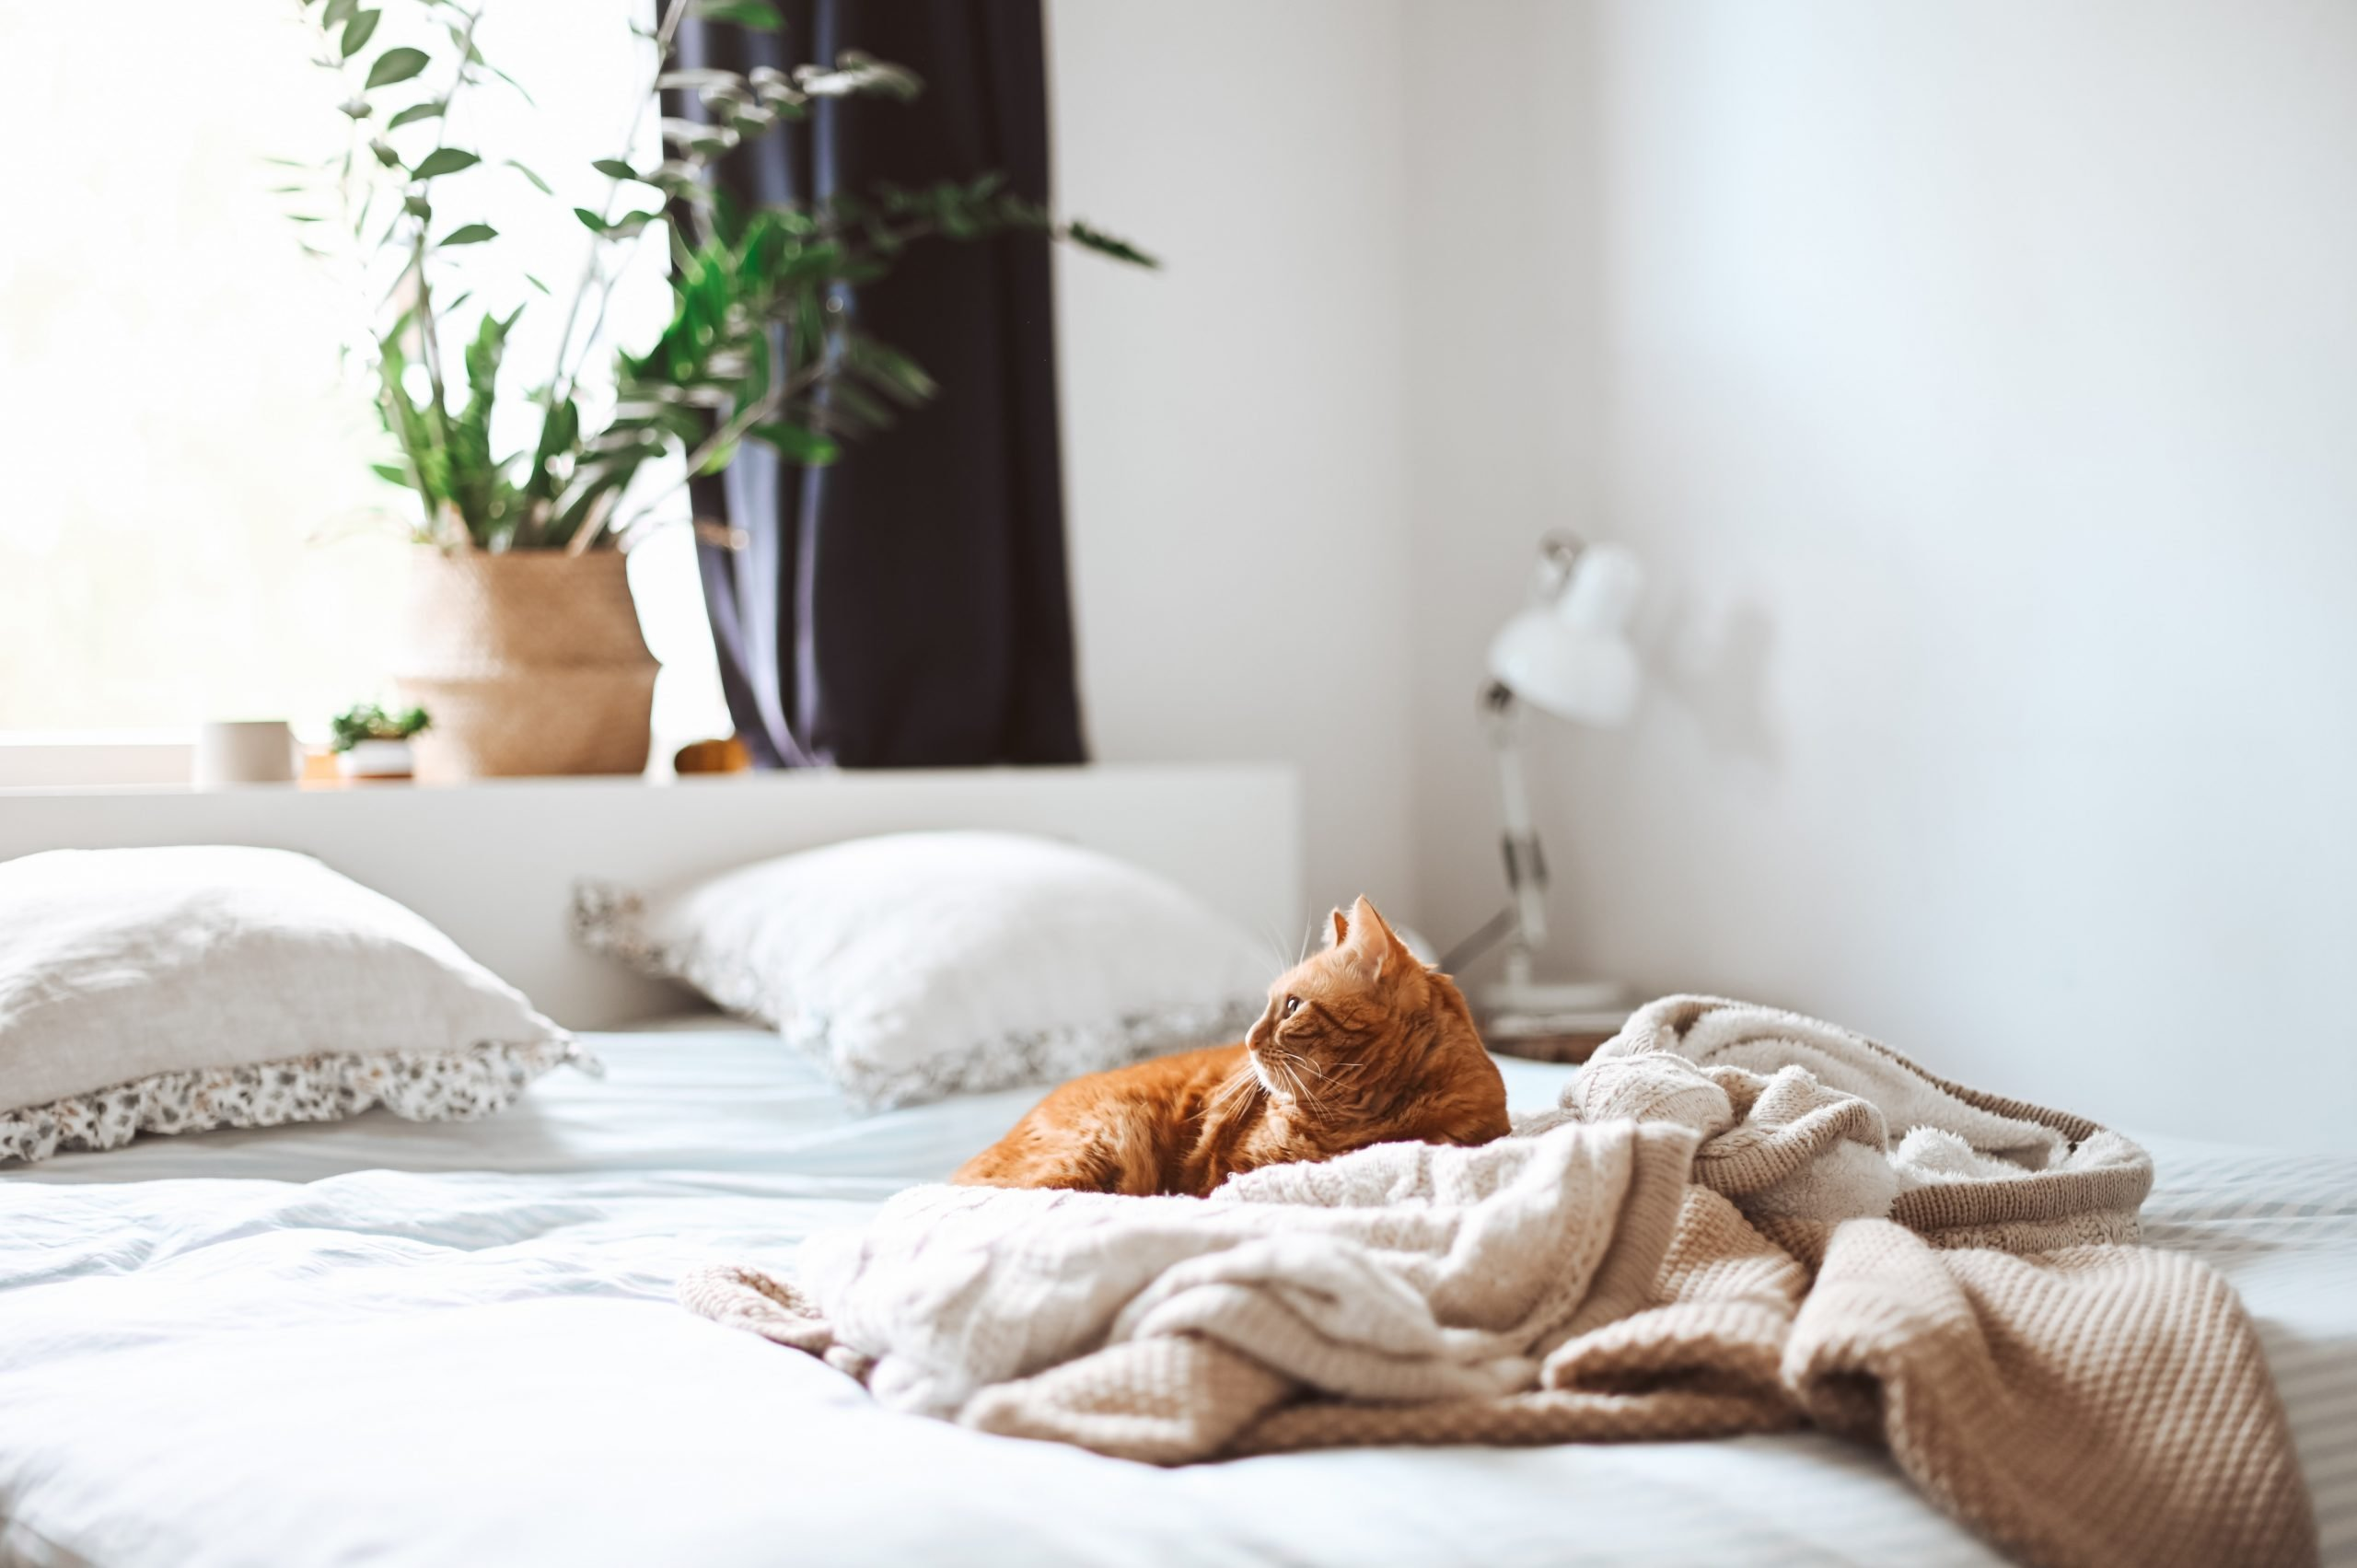 ¿Por qué mi gato orina en la cama? 1